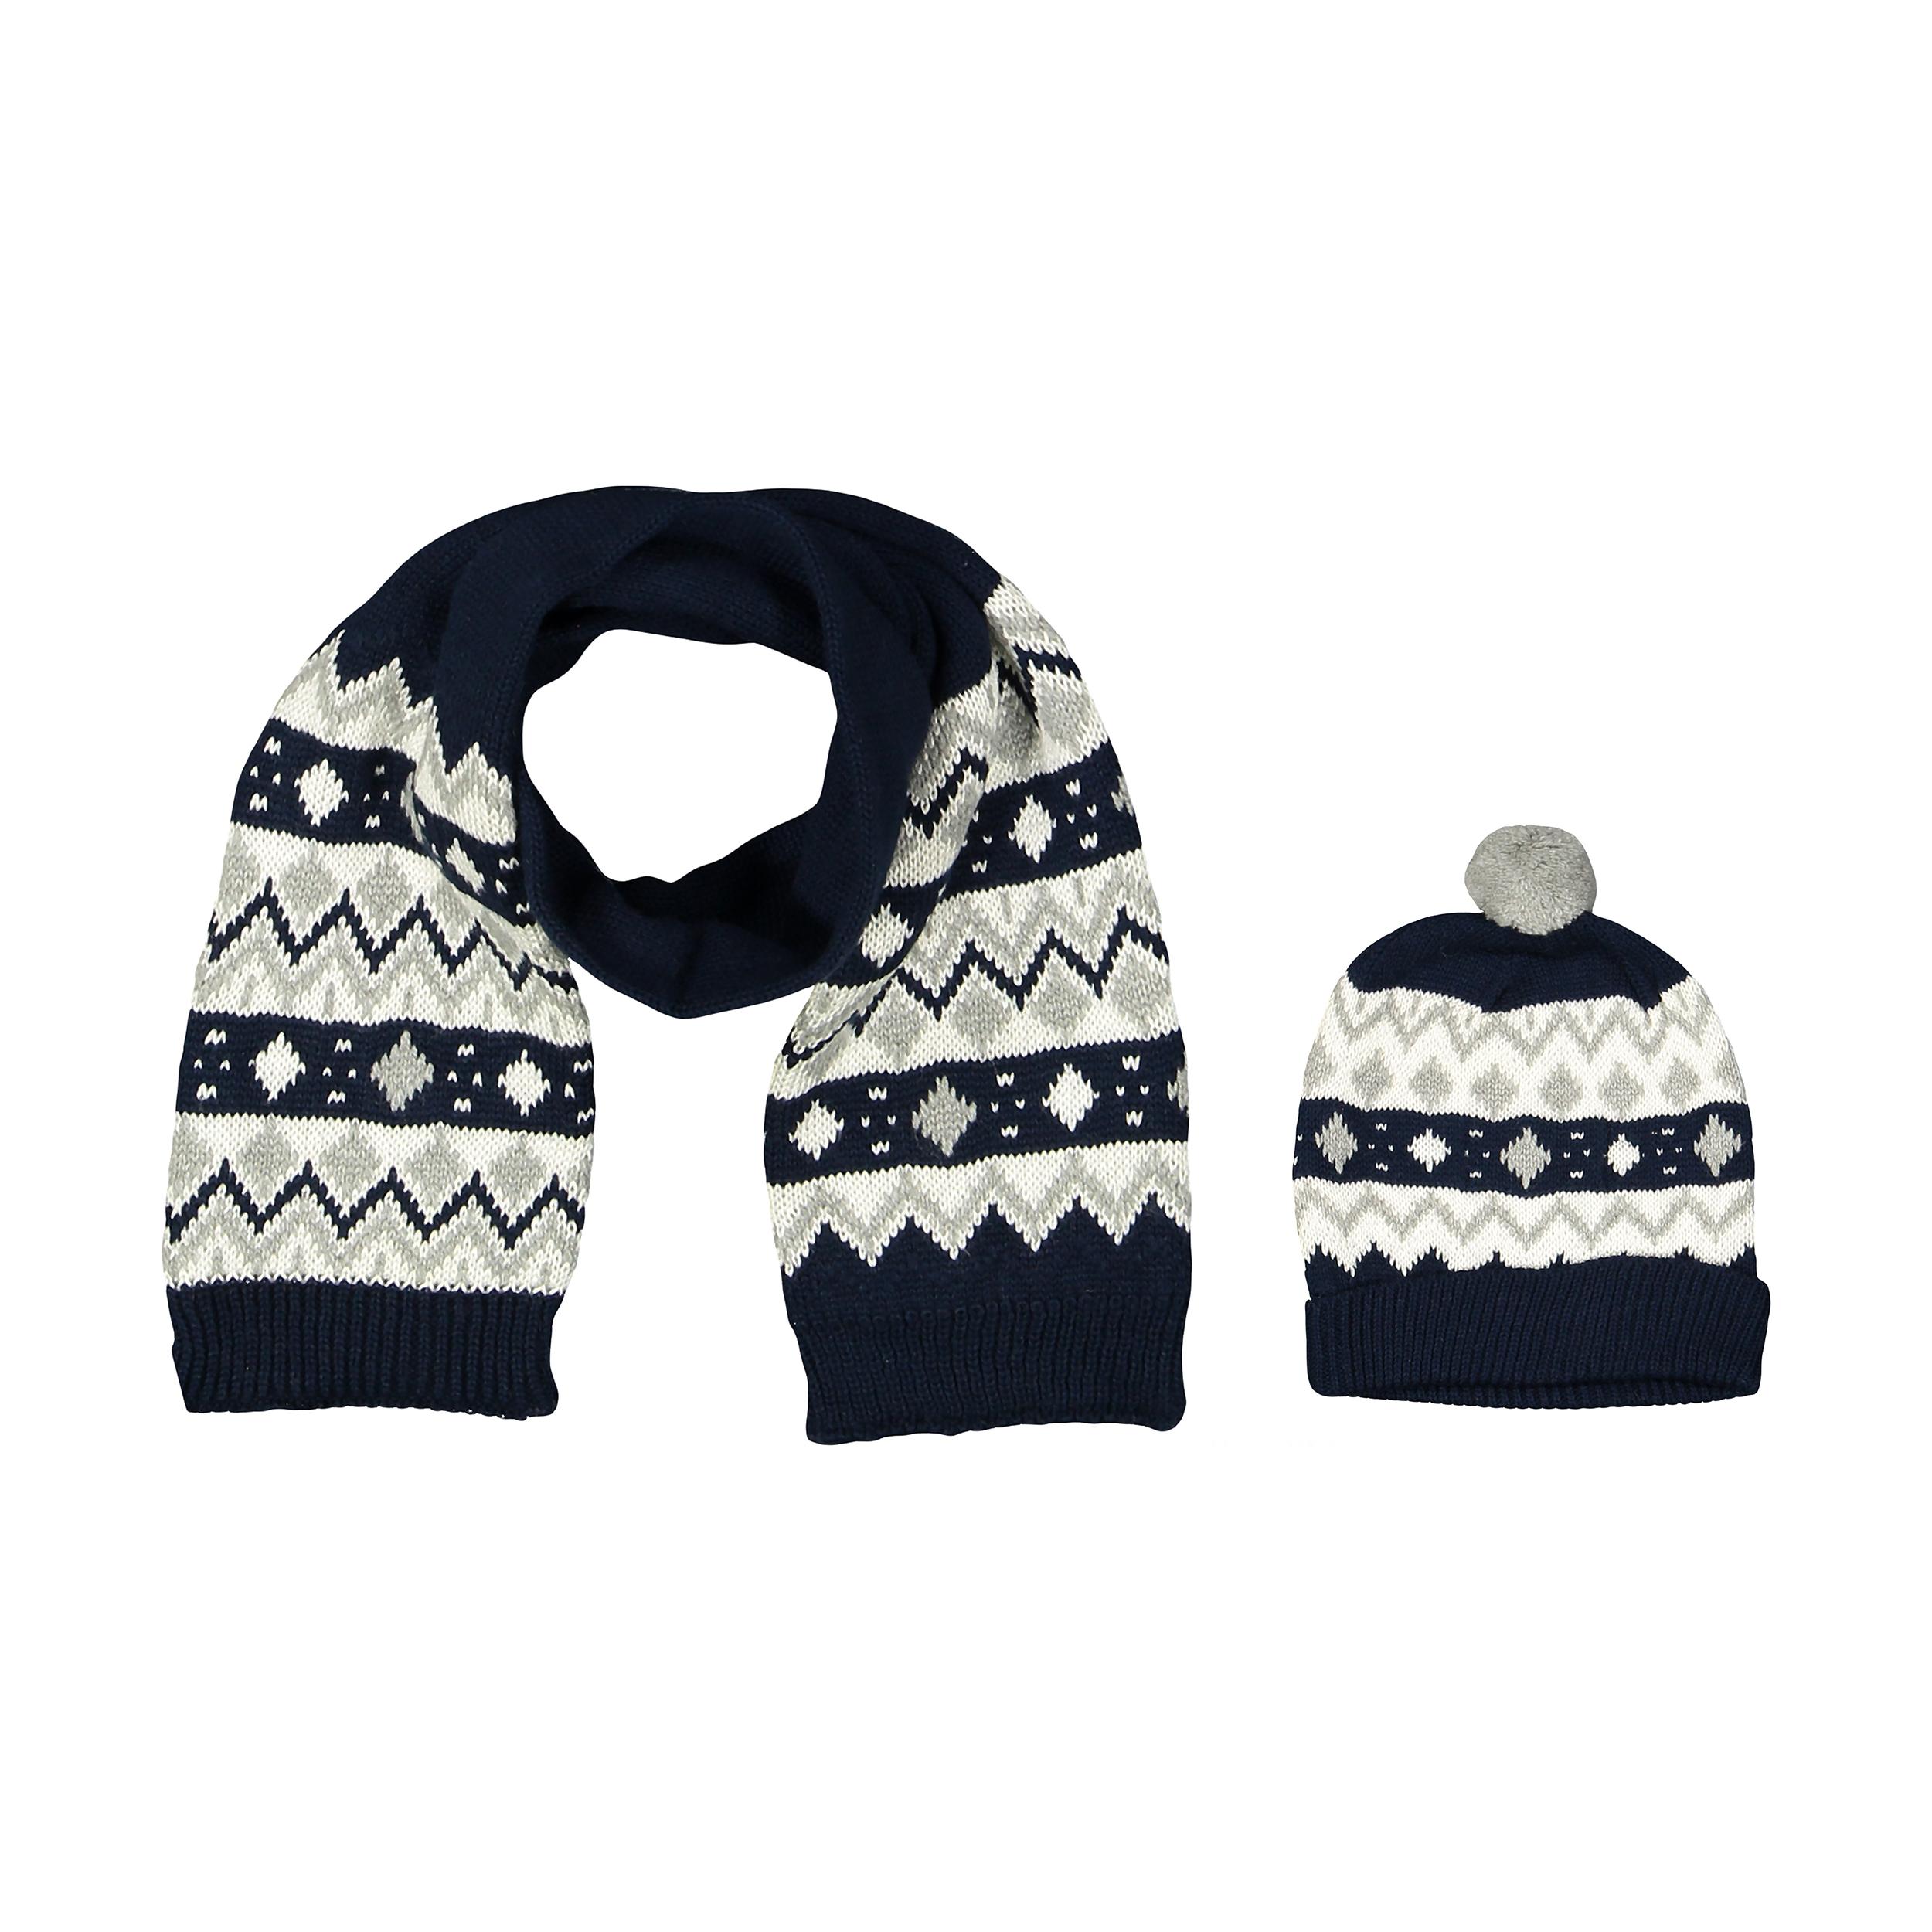 ست کلاه و شال گردن بافتنی نوزادی پسرانه فیورلا کد 2799